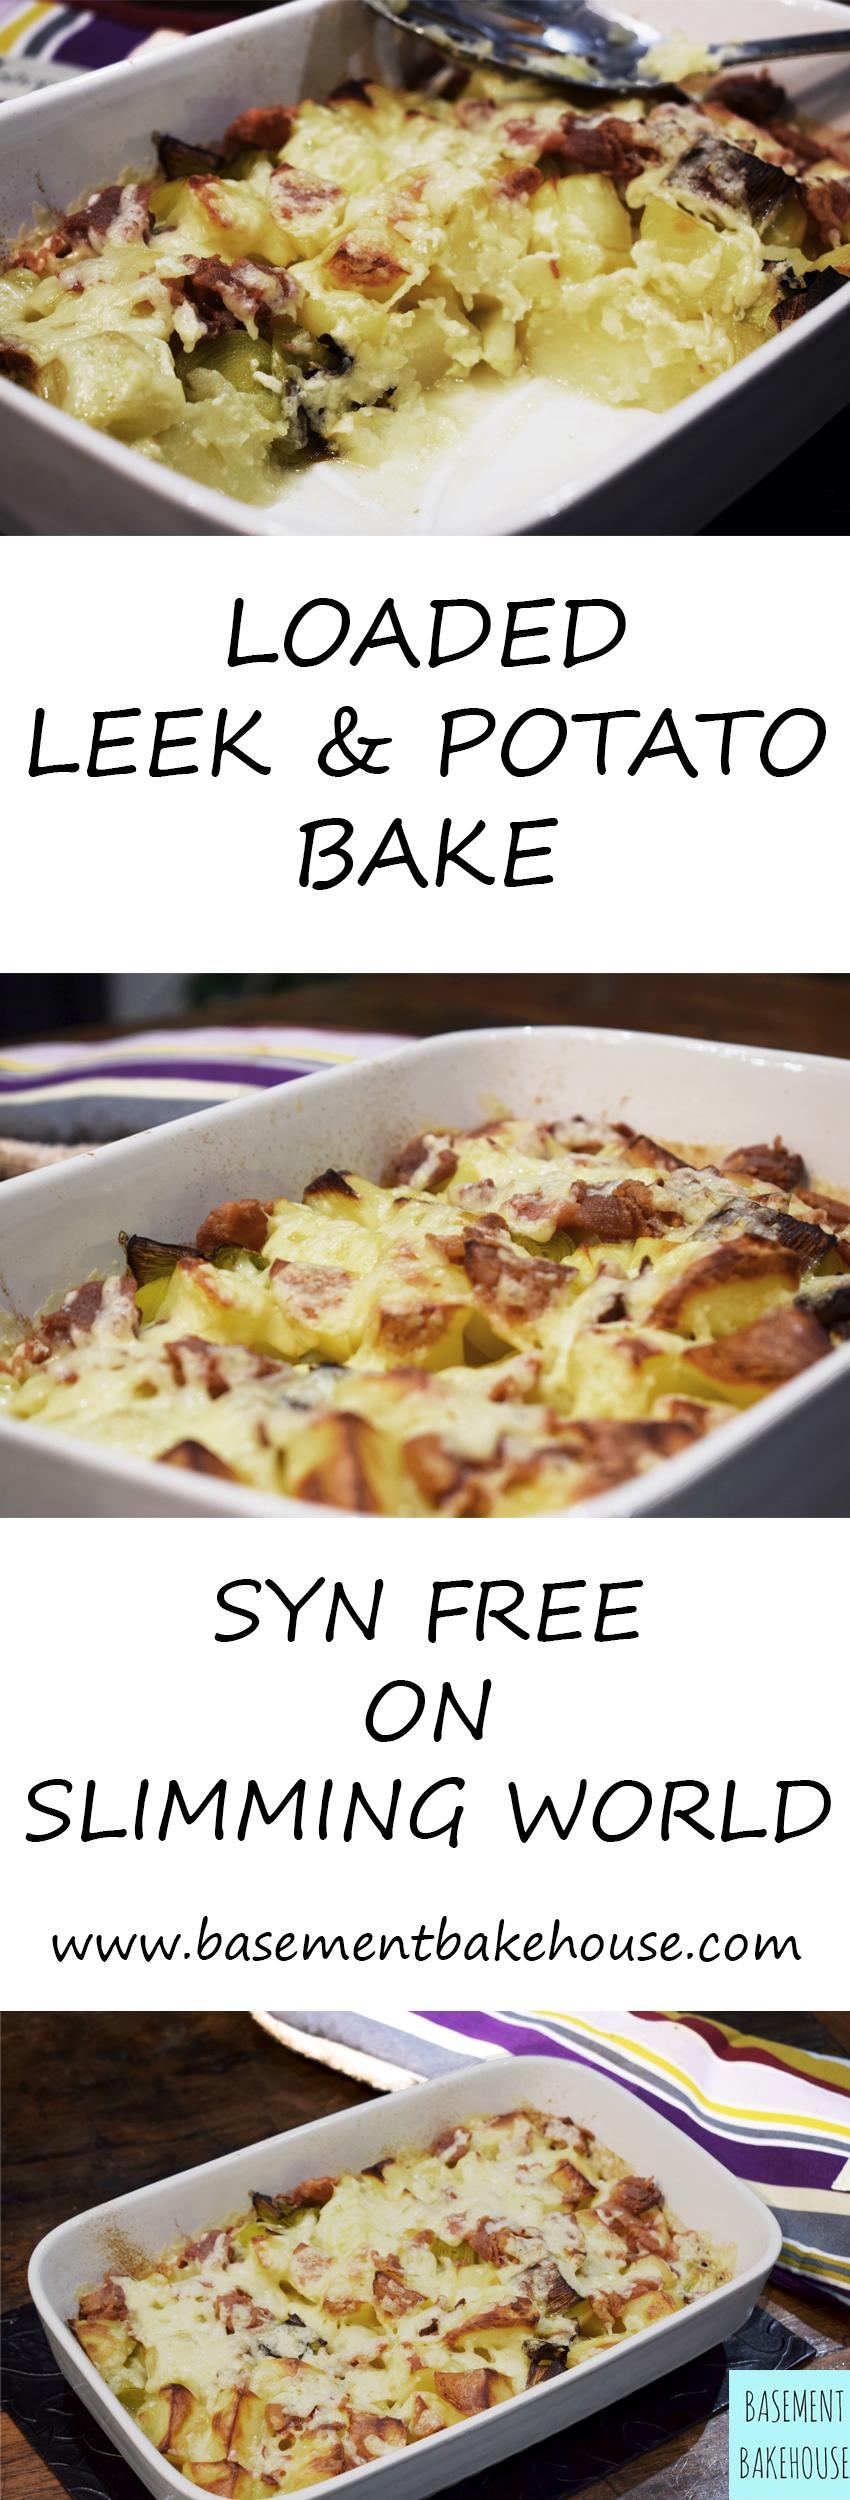 Syn Free Loaded Leek Potato Bake Cheese Bacon